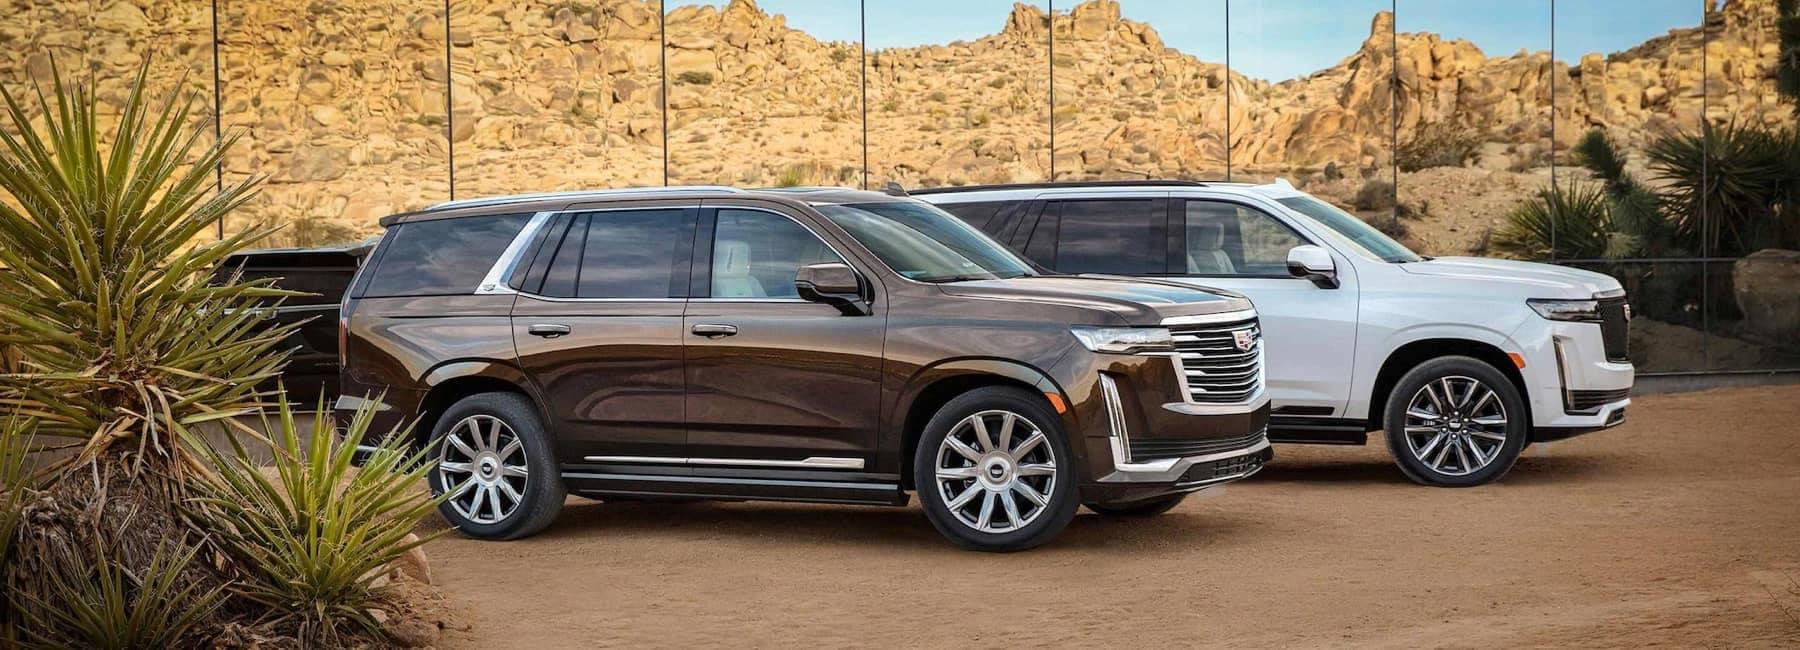 Two 2020 Cadillac Escalades